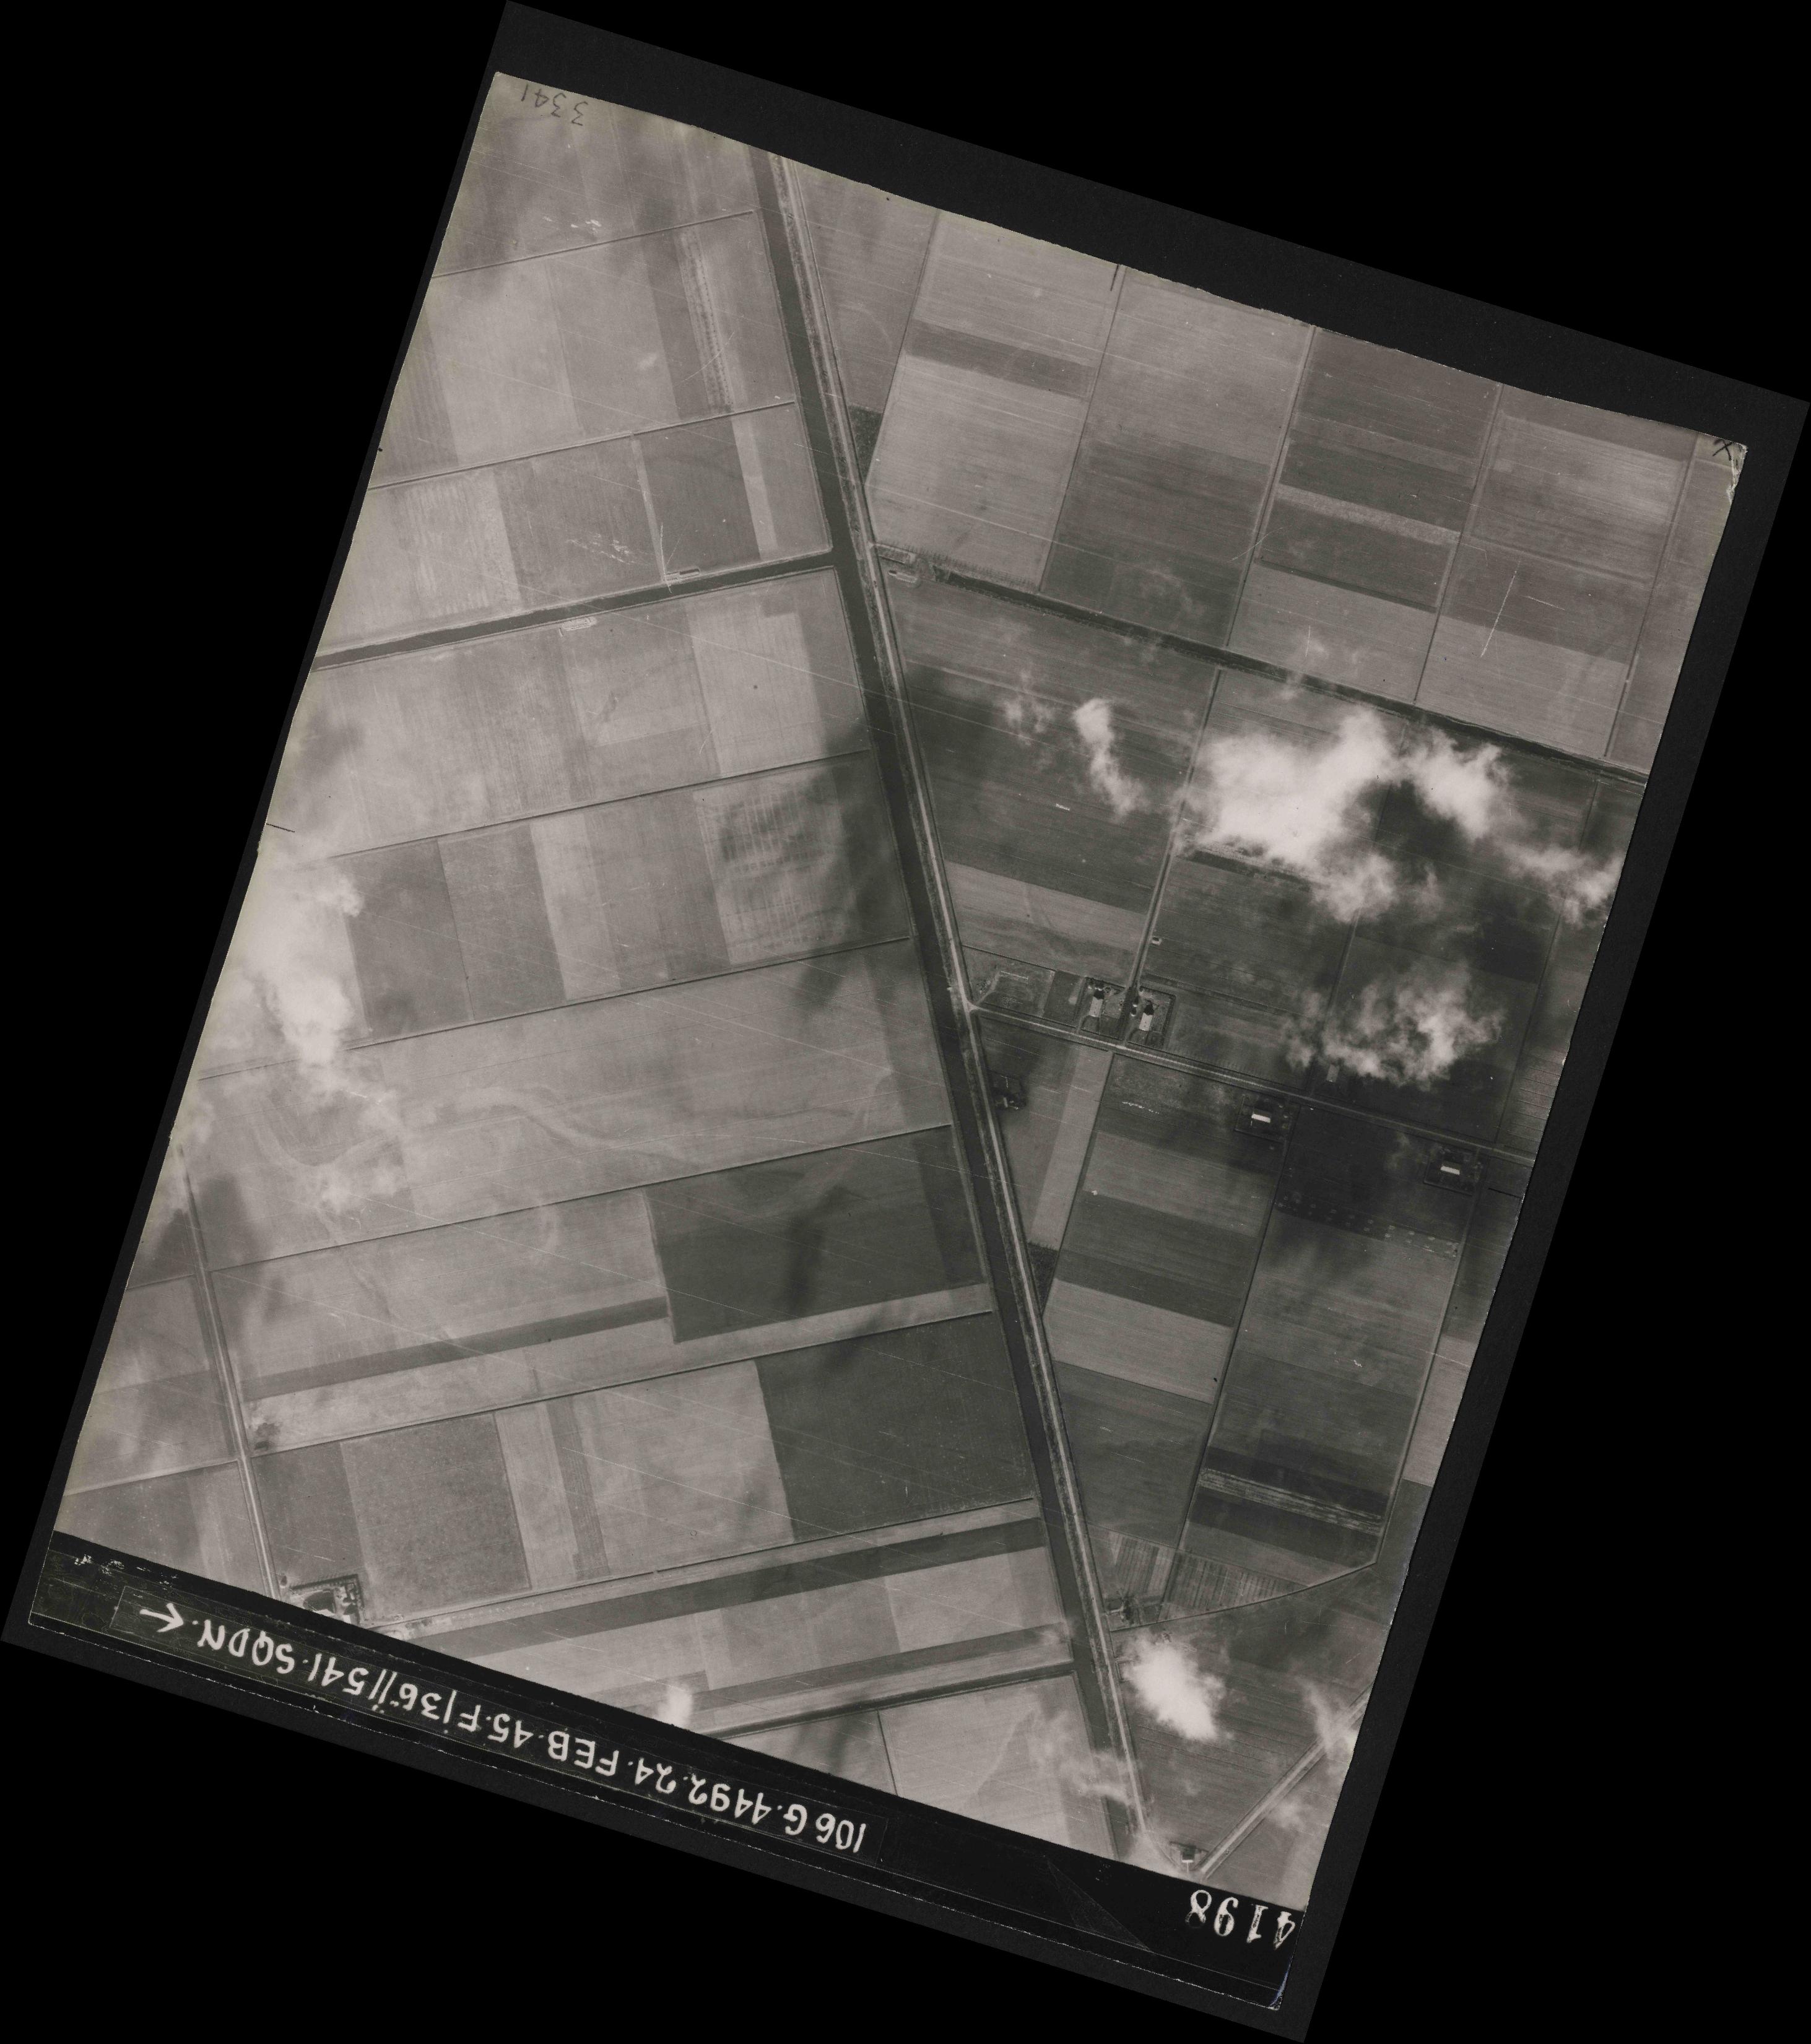 Collection RAF aerial photos 1940-1945 - flight 112, run 14, photo 4198